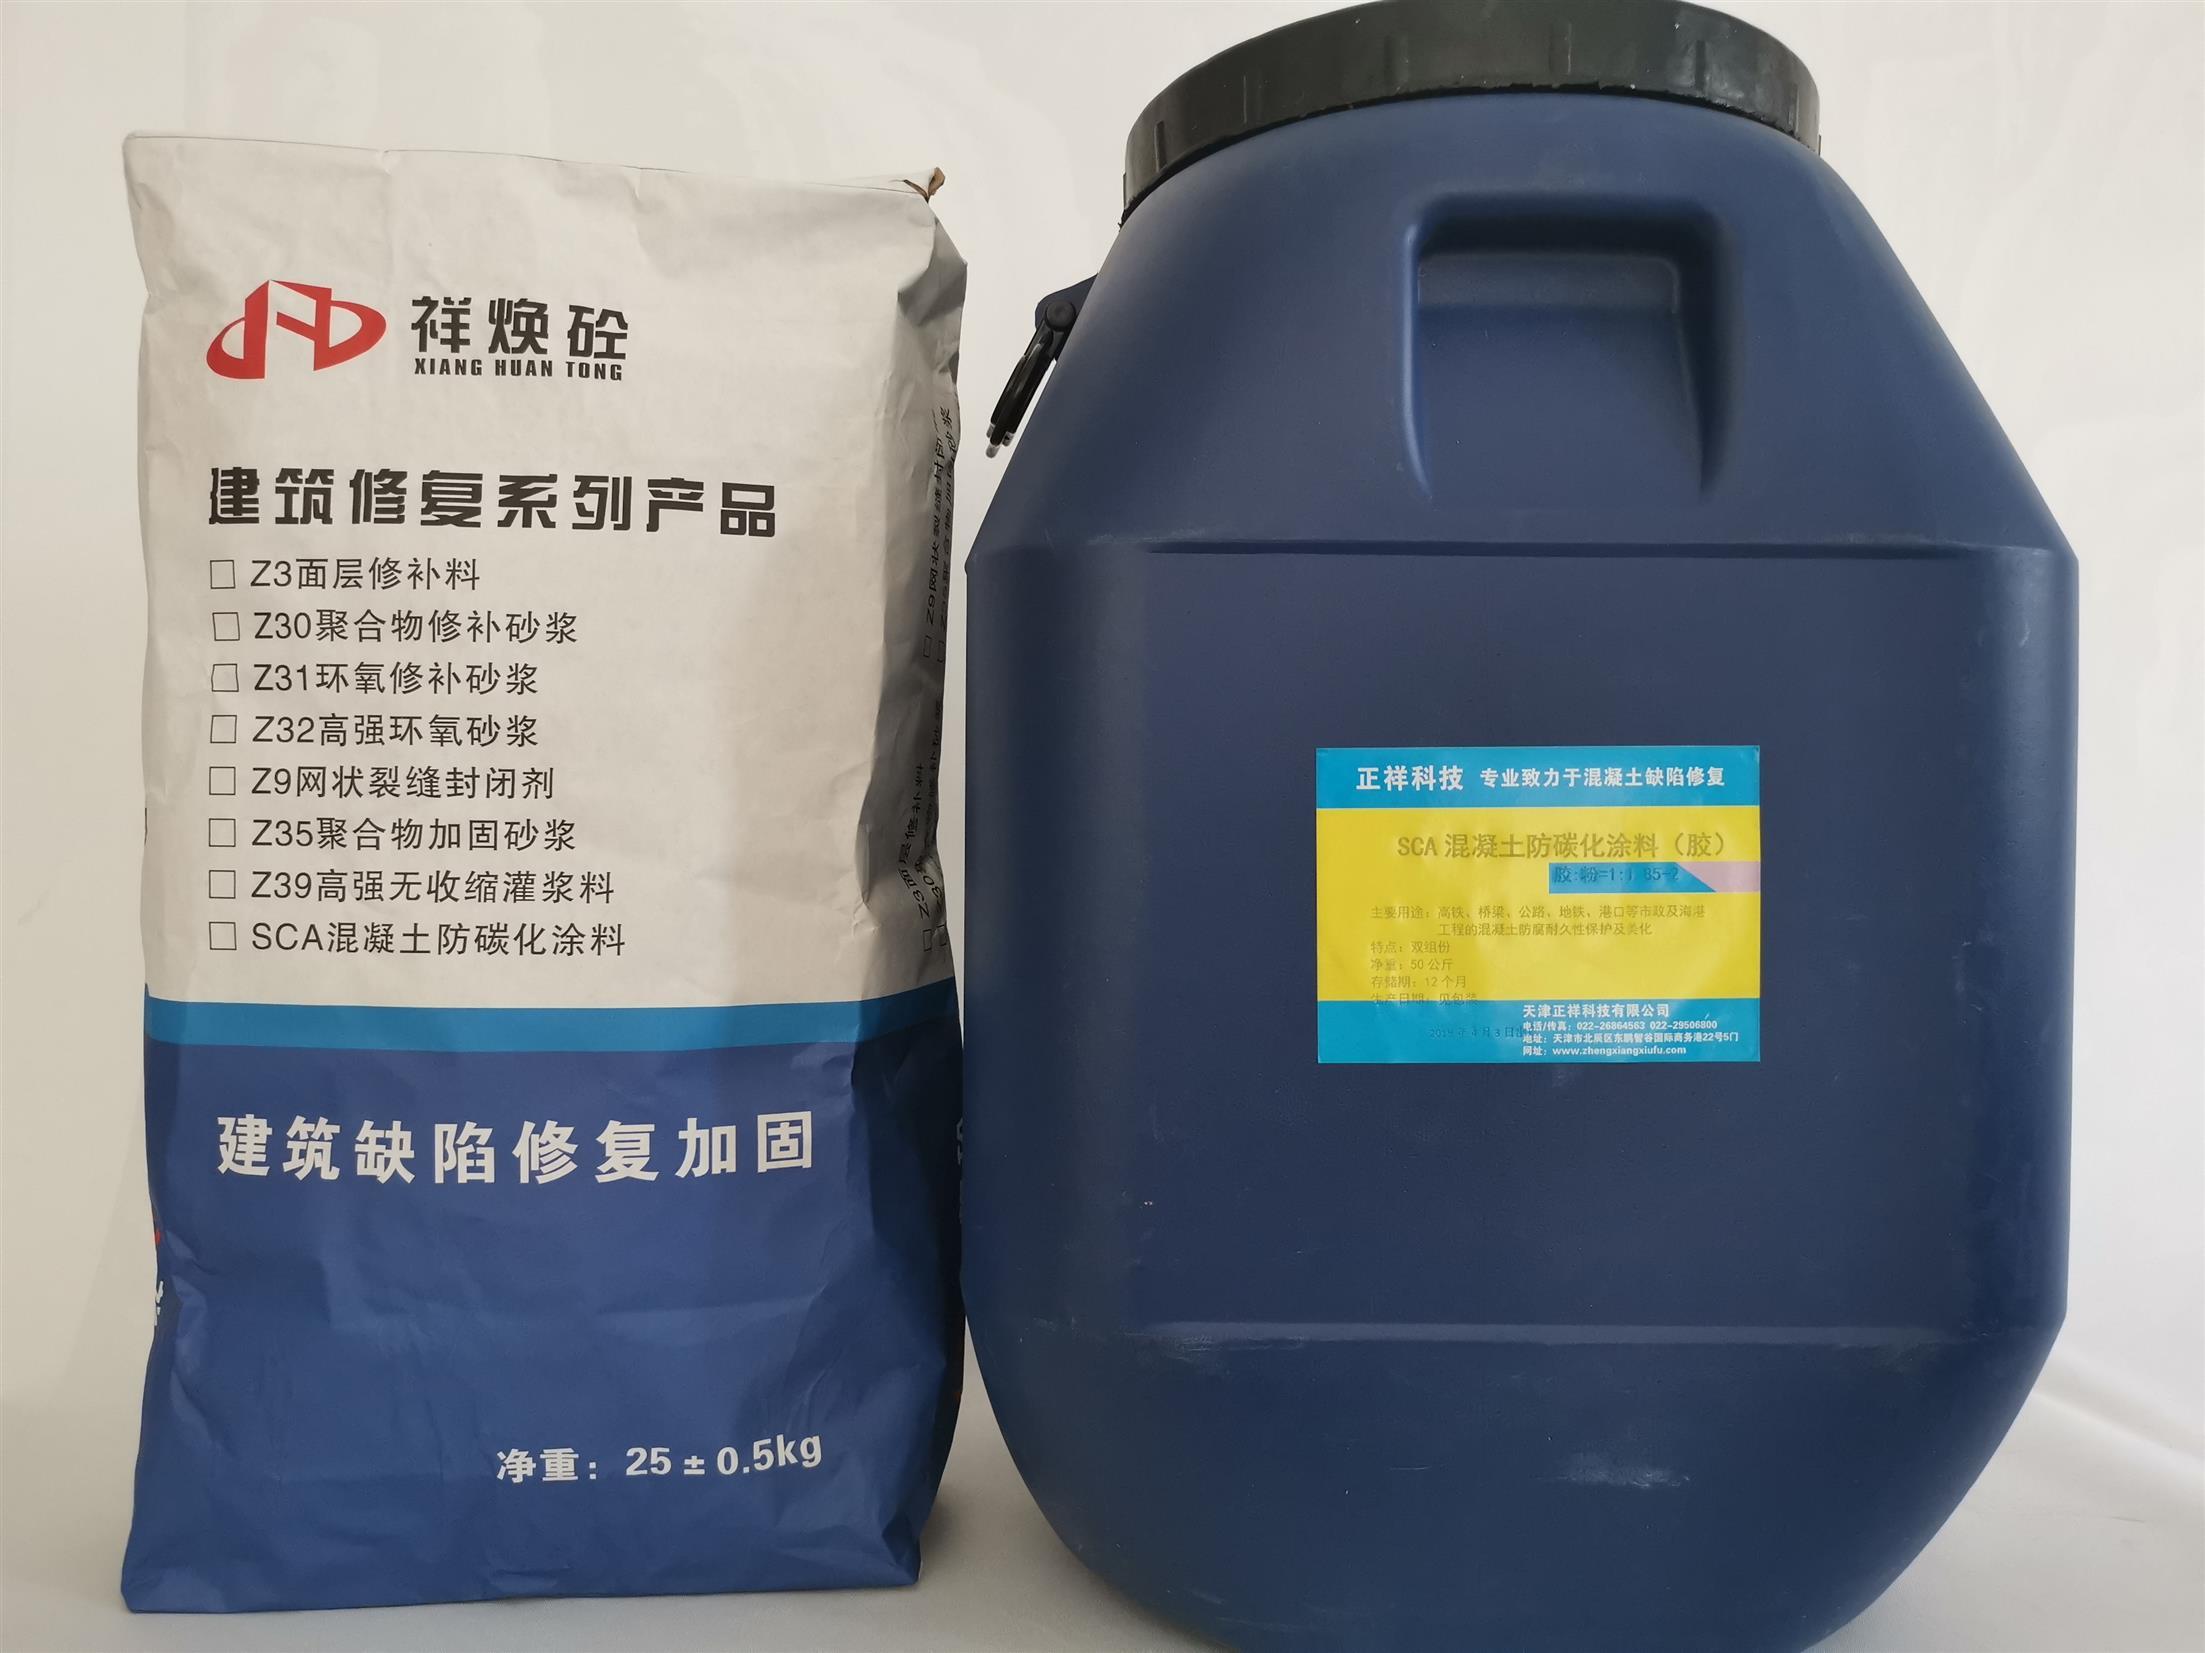 葫蘆島混凝土防碳化涂料廠家出廠價 CPC混凝土防碳化涂料 海港工程的混凝土防腐